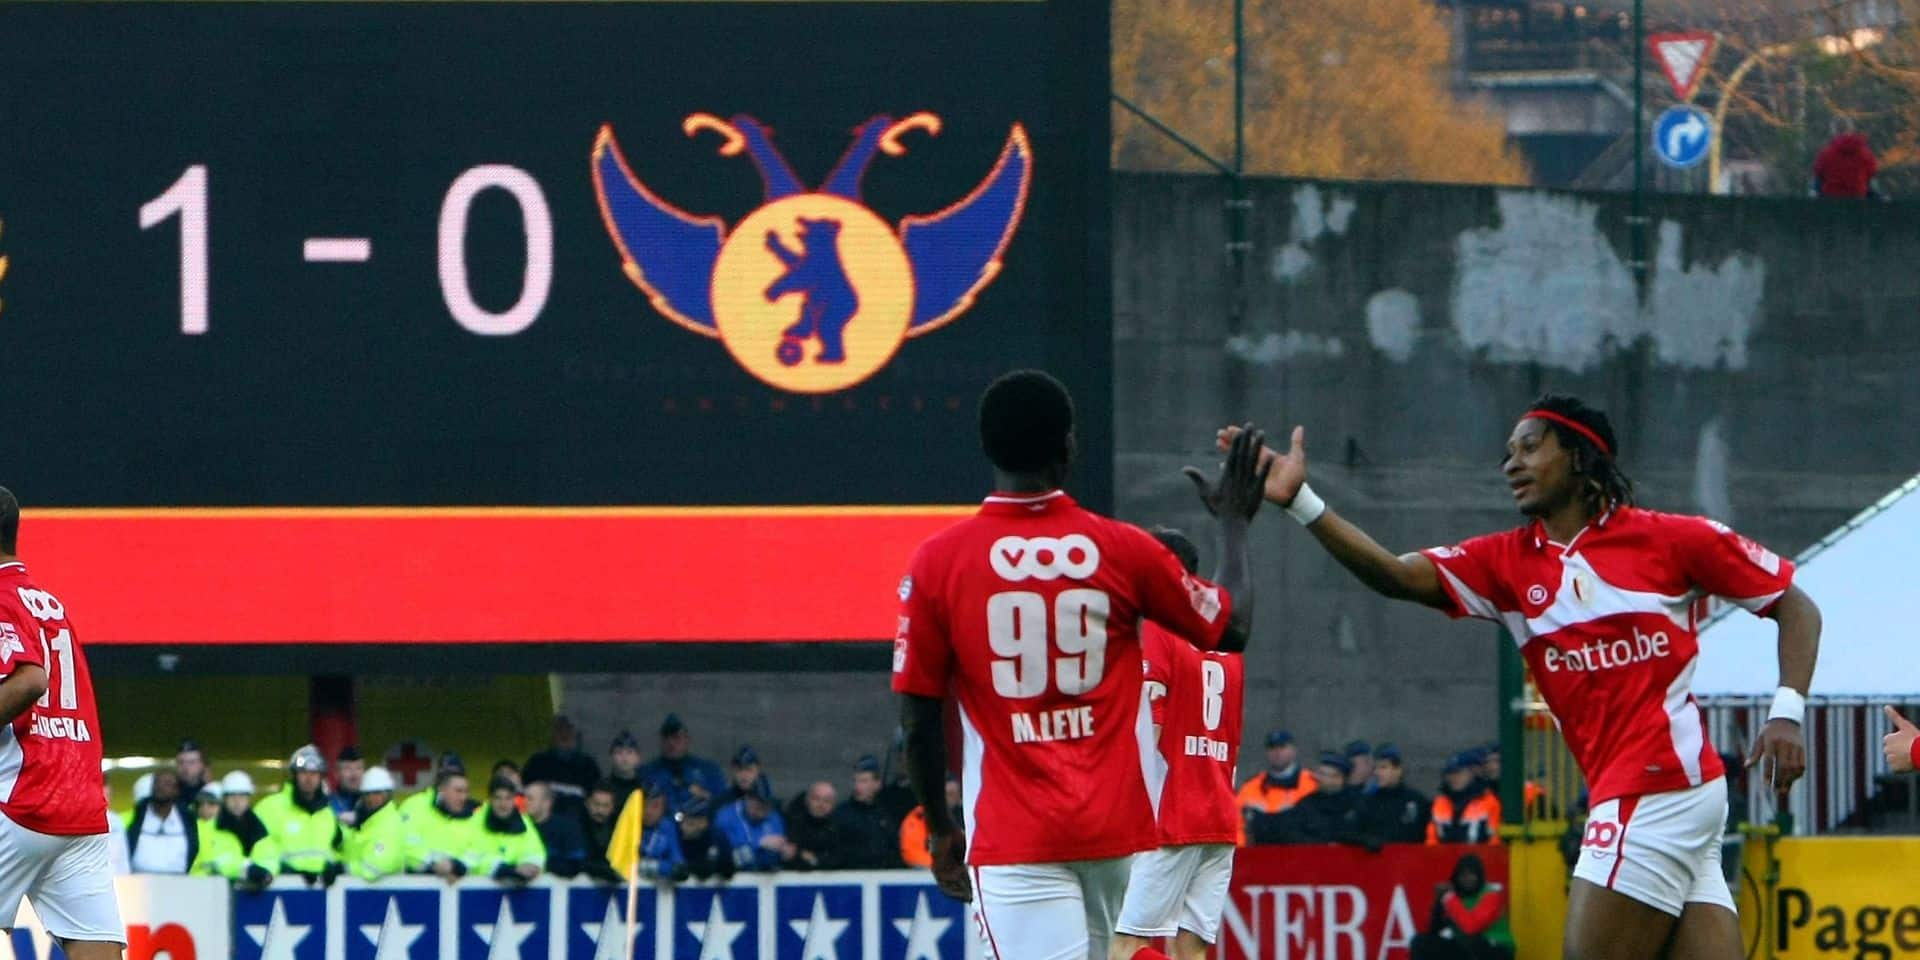 Depuis 2010, le Standard aime jouer avec son sort pour la qualification des playoffs